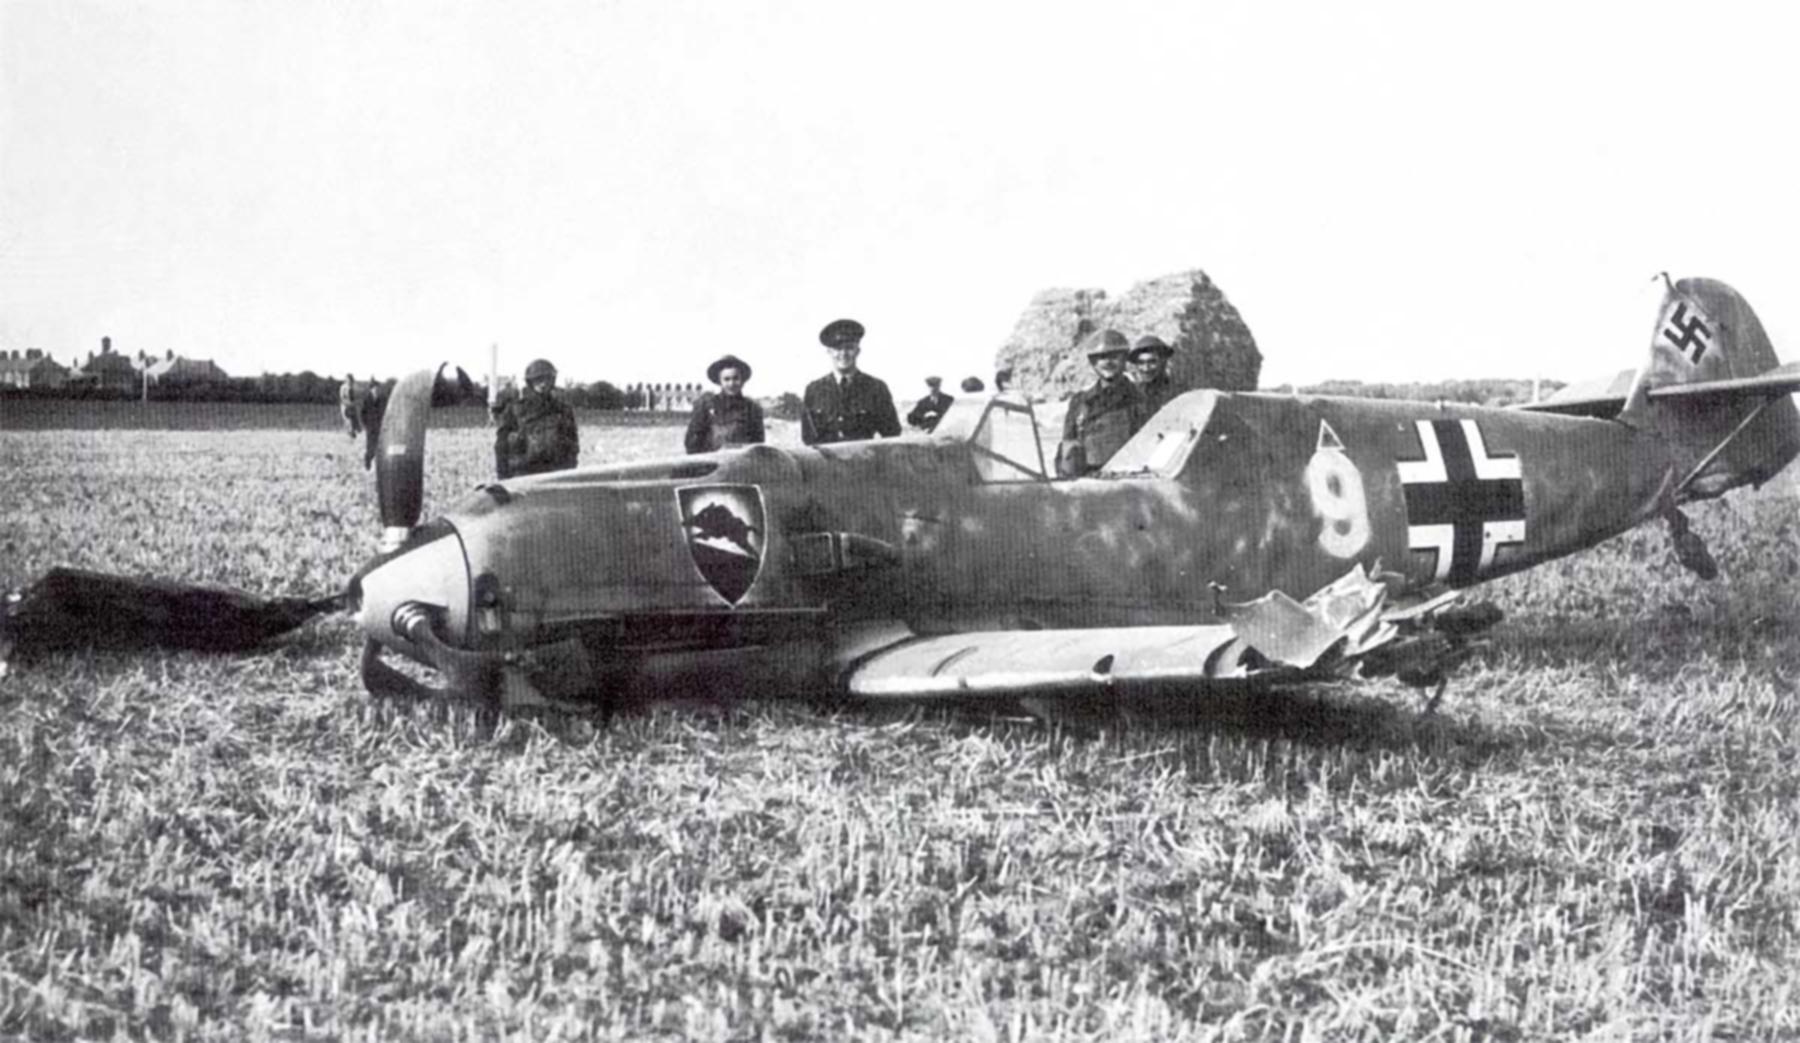 Messerschmitt Bf 109E1 1.JG52 White 9 Herbert Bischoff forced landed near Kent 24th Aug 1940 01